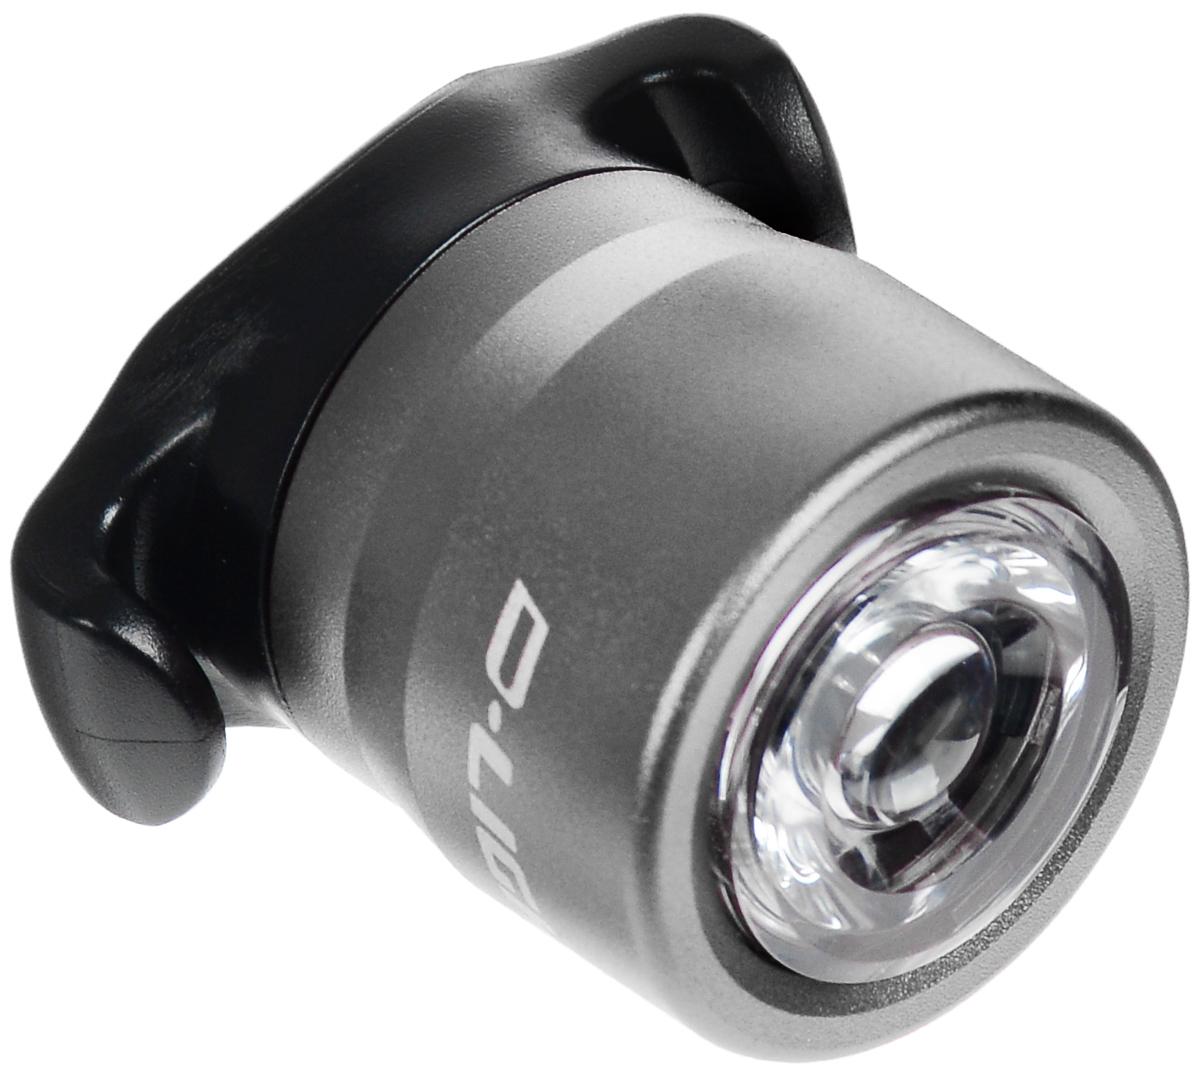 Фонарь велосипедный D-Light CG-212W, габаритный, передний, цвет: серебристый, черныйCG-212W-SilverПередний габаритный велофонарь D-Light CG-212W предназначен для обеспечения большей безопасности при поездках в темное время суток. Он легко крепится и снимается без дополнительных инструментов. Корпус изделия выполнен из прочного алюминия. Фонарь имеет 2 режима: мигание и постоянное свечение. Он водонепроницаем, имеет один SMD белый светодиод. Фонарь питается от 2 батарей типа CR2032 (входят в комплект). Время свечения: 30 ч. Время мигания: 90 ч. Диаметр фонаря: 2,7 см. Высота фонаря: 3,5 см.